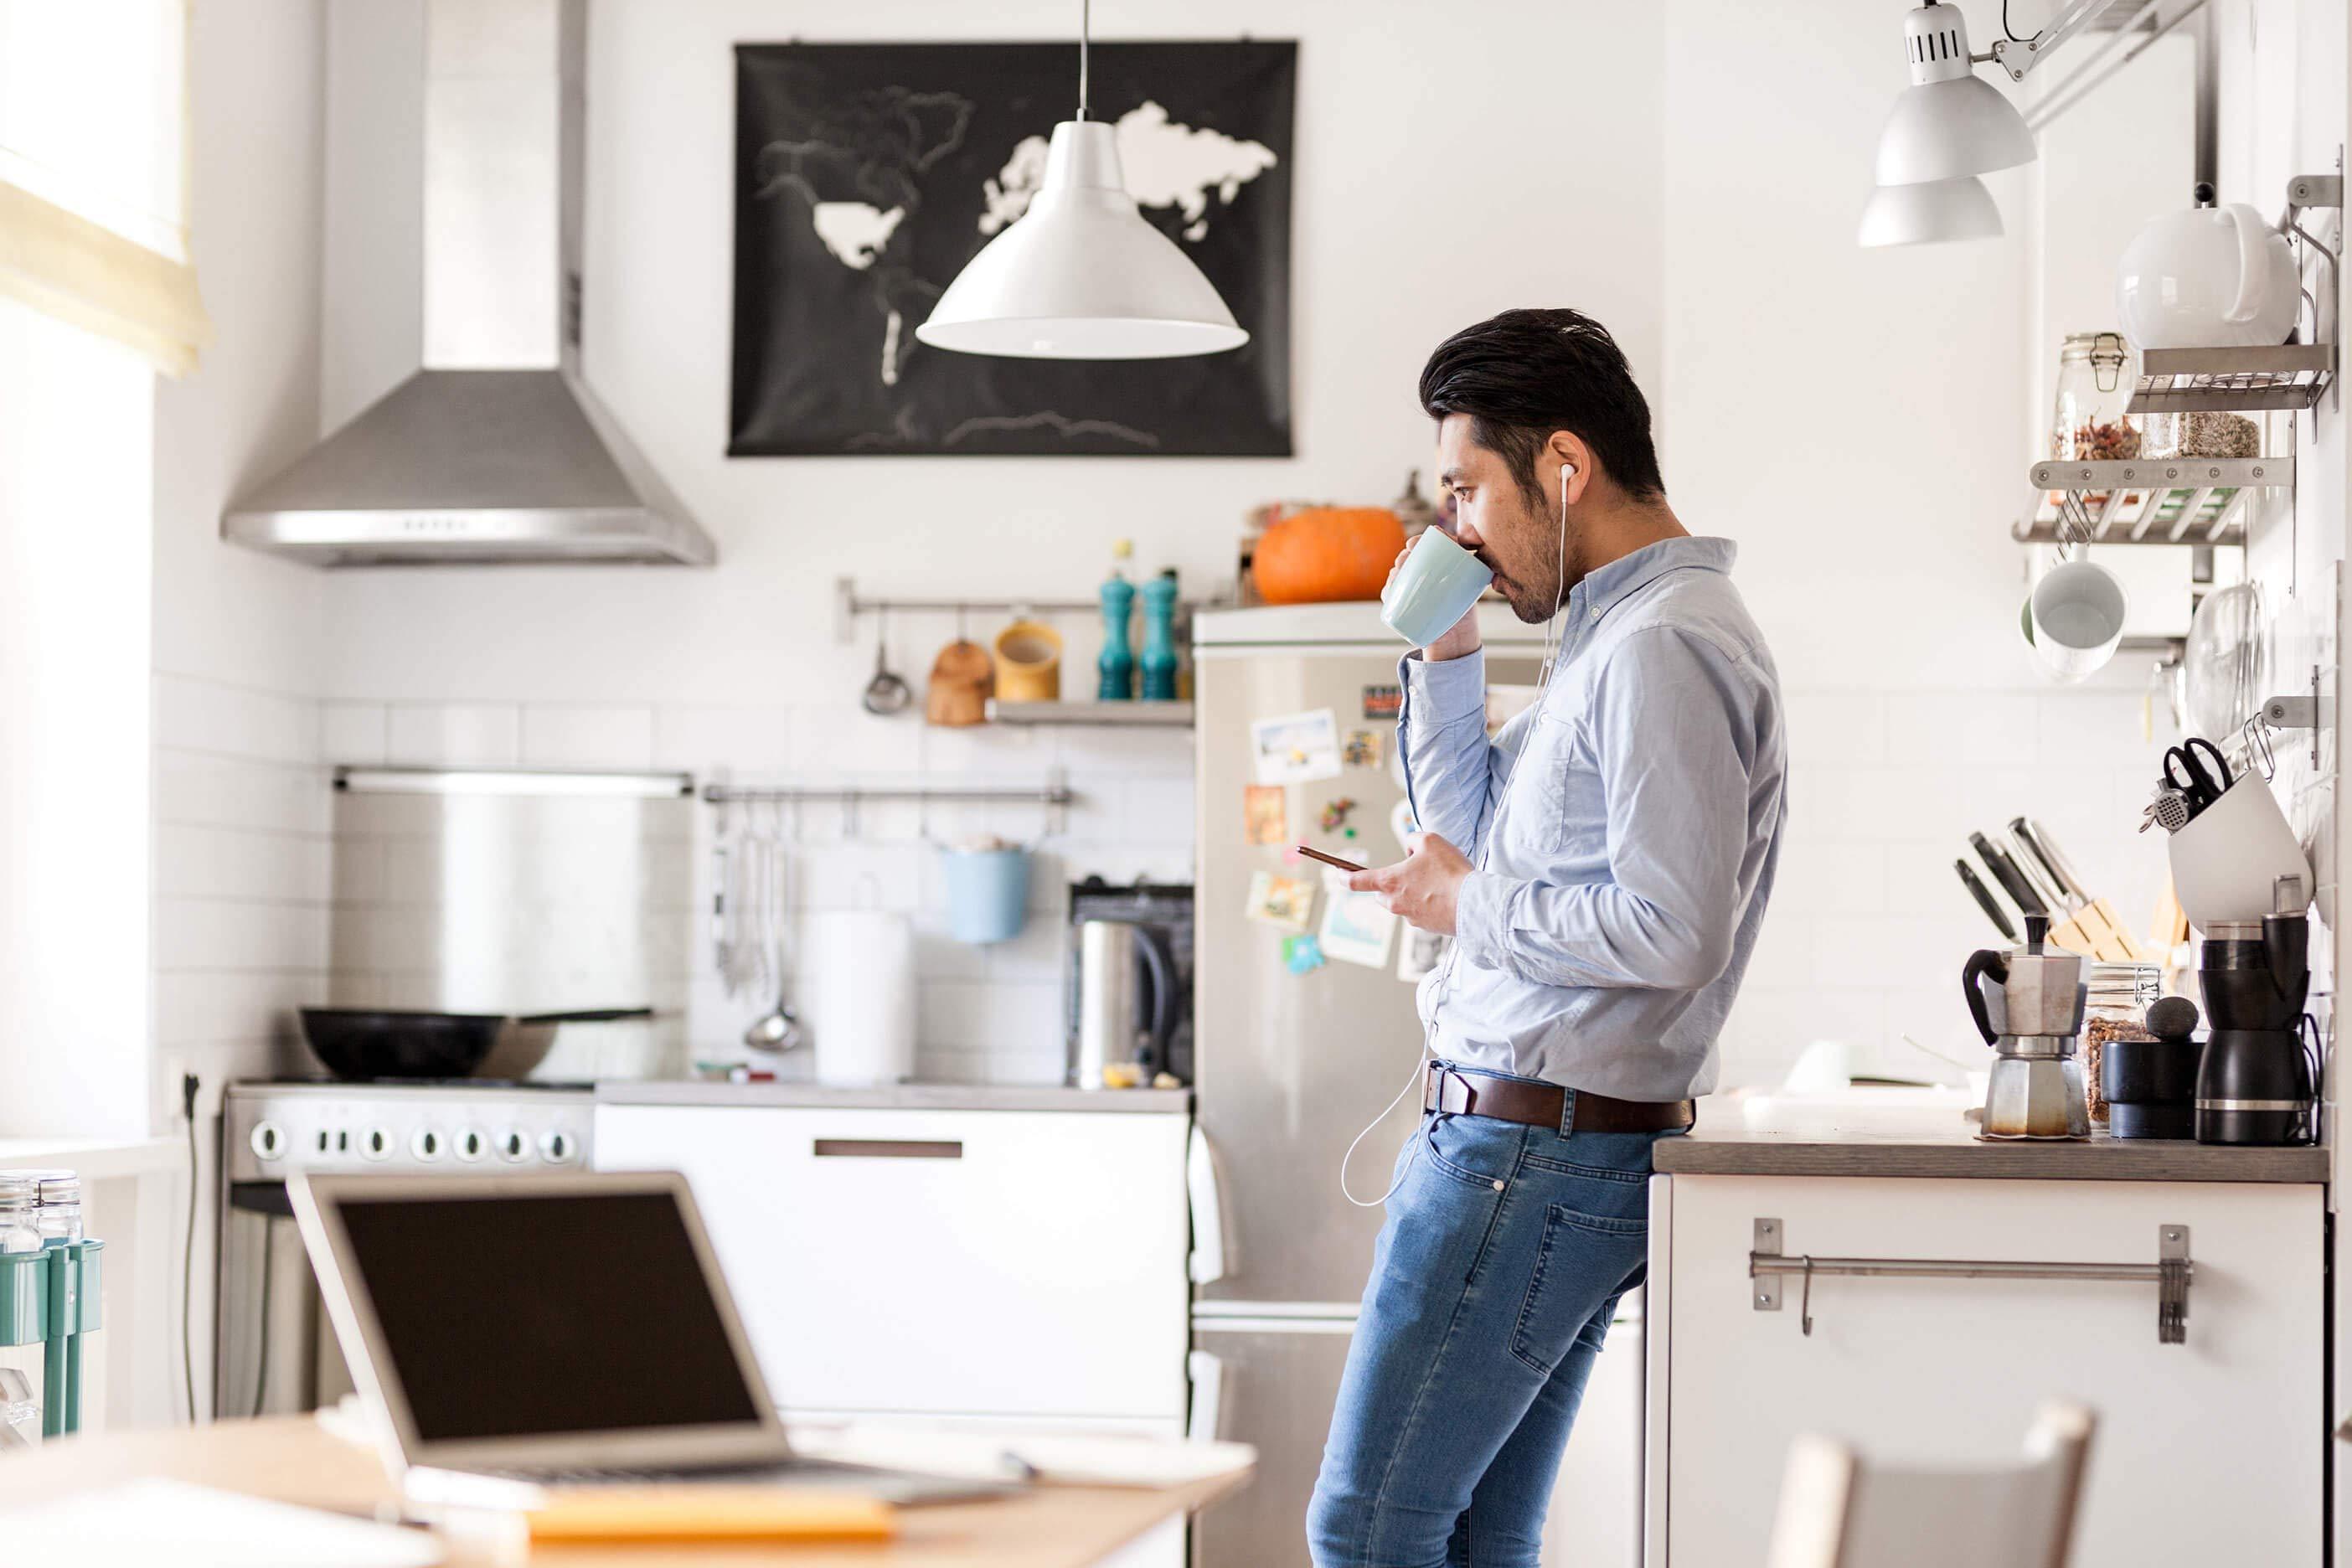 Jeune homme qui boit du café dans une cuisine en écoutant dans ses écouteurs connectés à son téléphone. Un ordinateur portable est présenté sur la table à l'avant-plan.